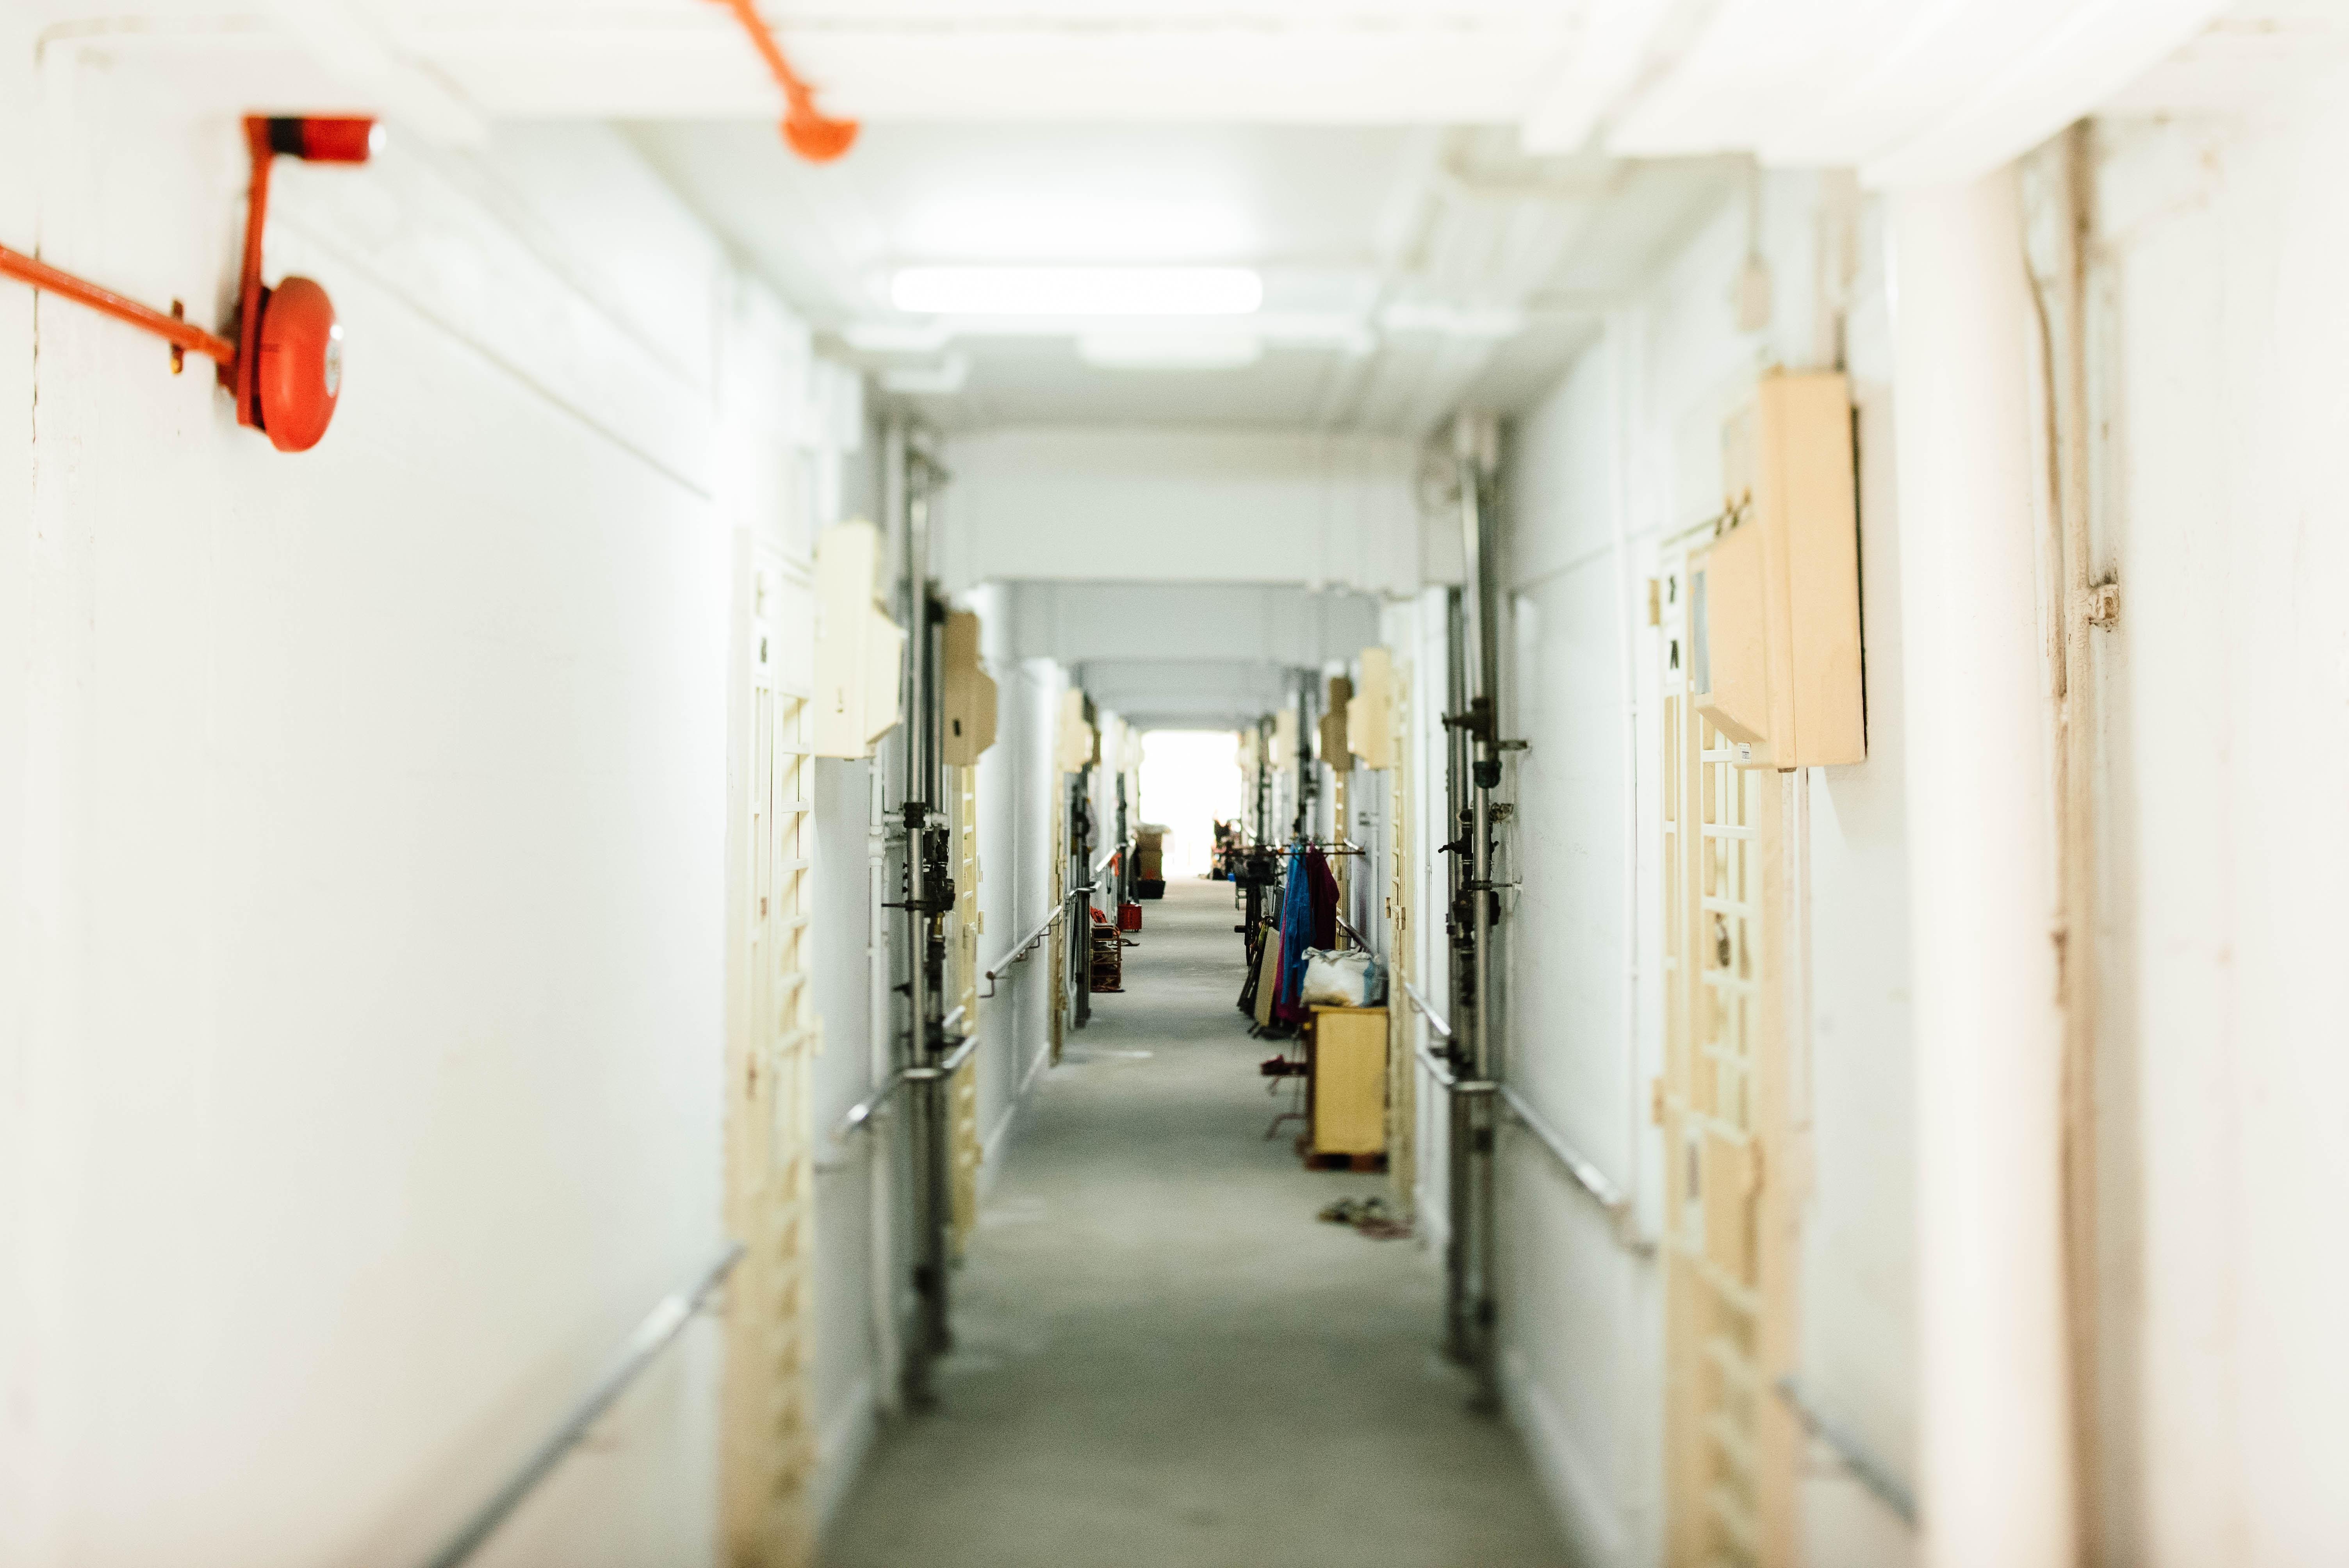 photo of hallway